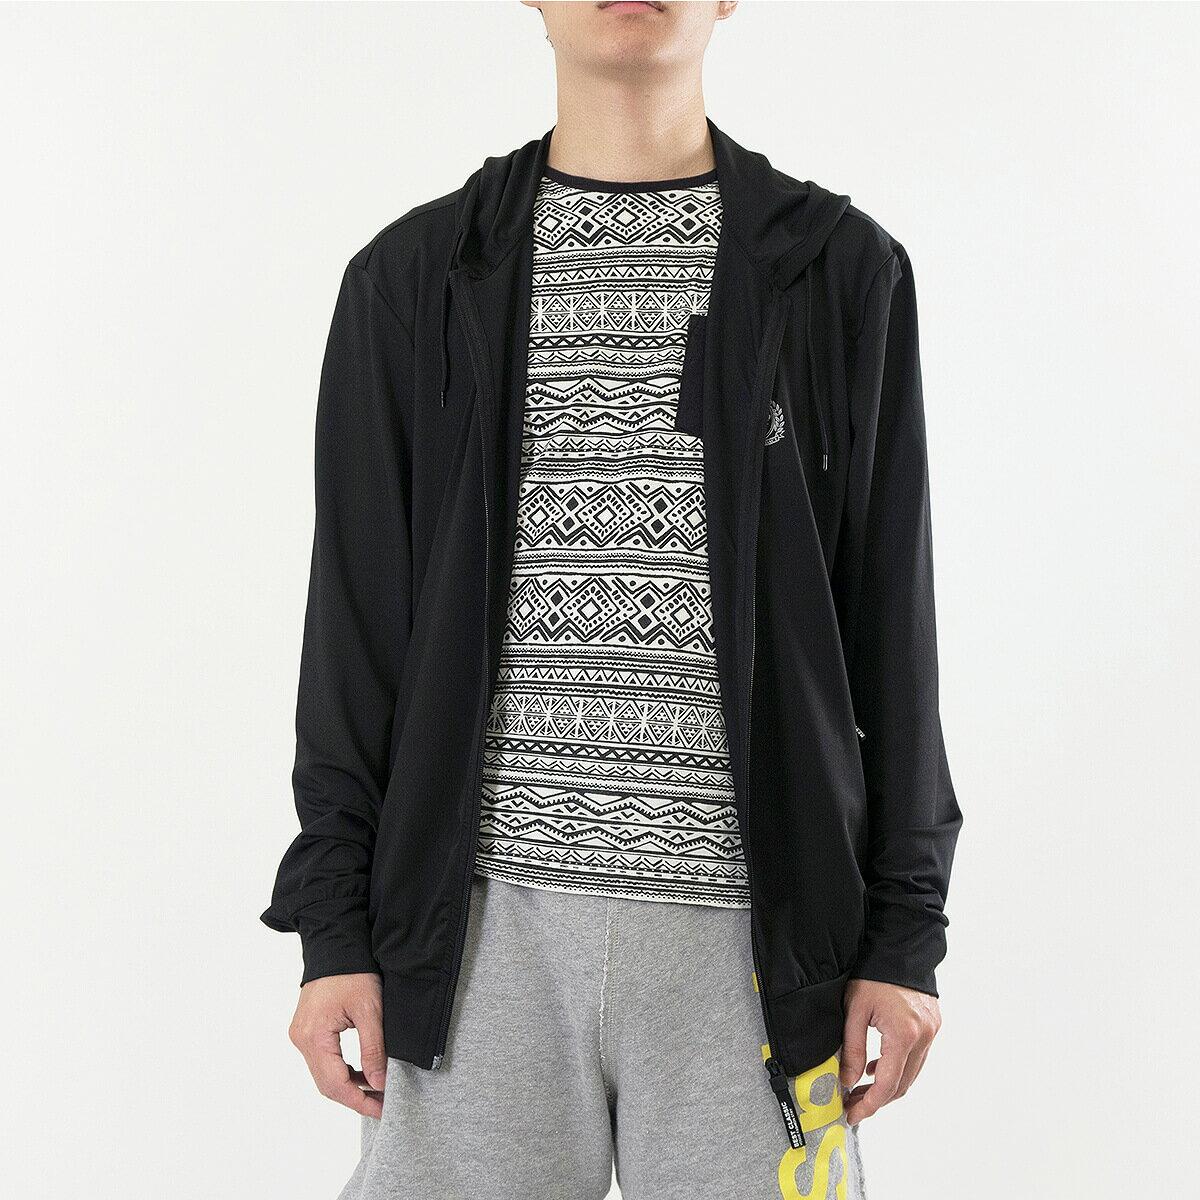 加大尺碼防曬外套 防風遮陽薄外套 柔軟輕薄休閒外套 連帽外套 運動外套 黑色外套 Sun Protection Jackets Mens Jackets Casual Jackets (321-0516_0517-21)黑色、(321-0516_0517-22)紋理灰 3L 4L 5L 6L (胸圍122~140公分  48~55英吋) 男 [實體店面保障] sun-e 5